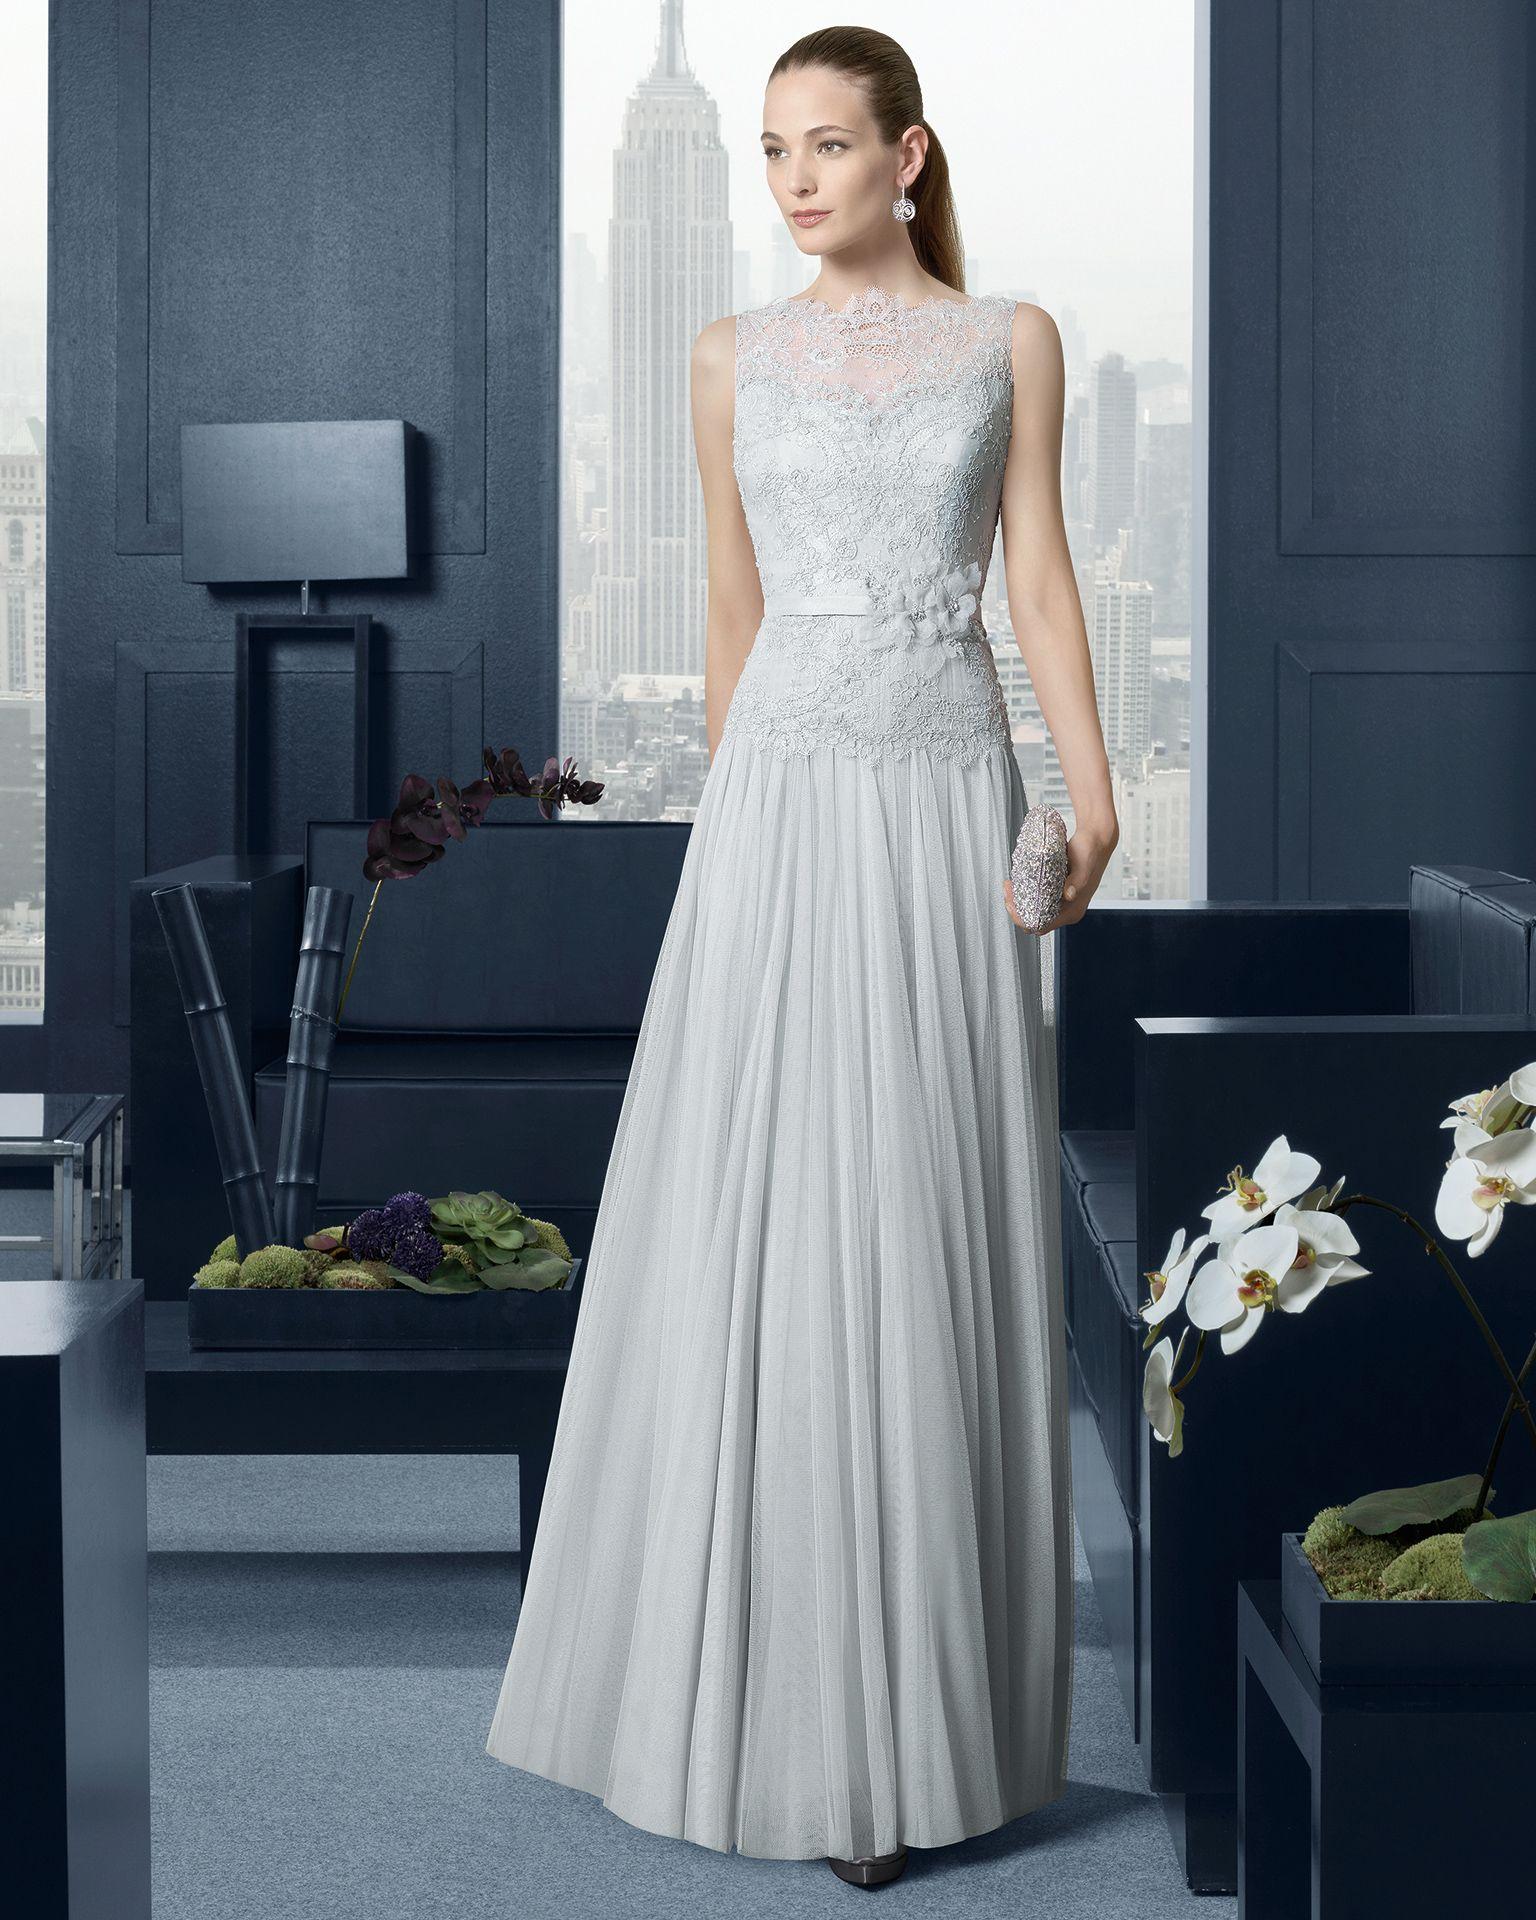 Accesorios para vestido de noche plata